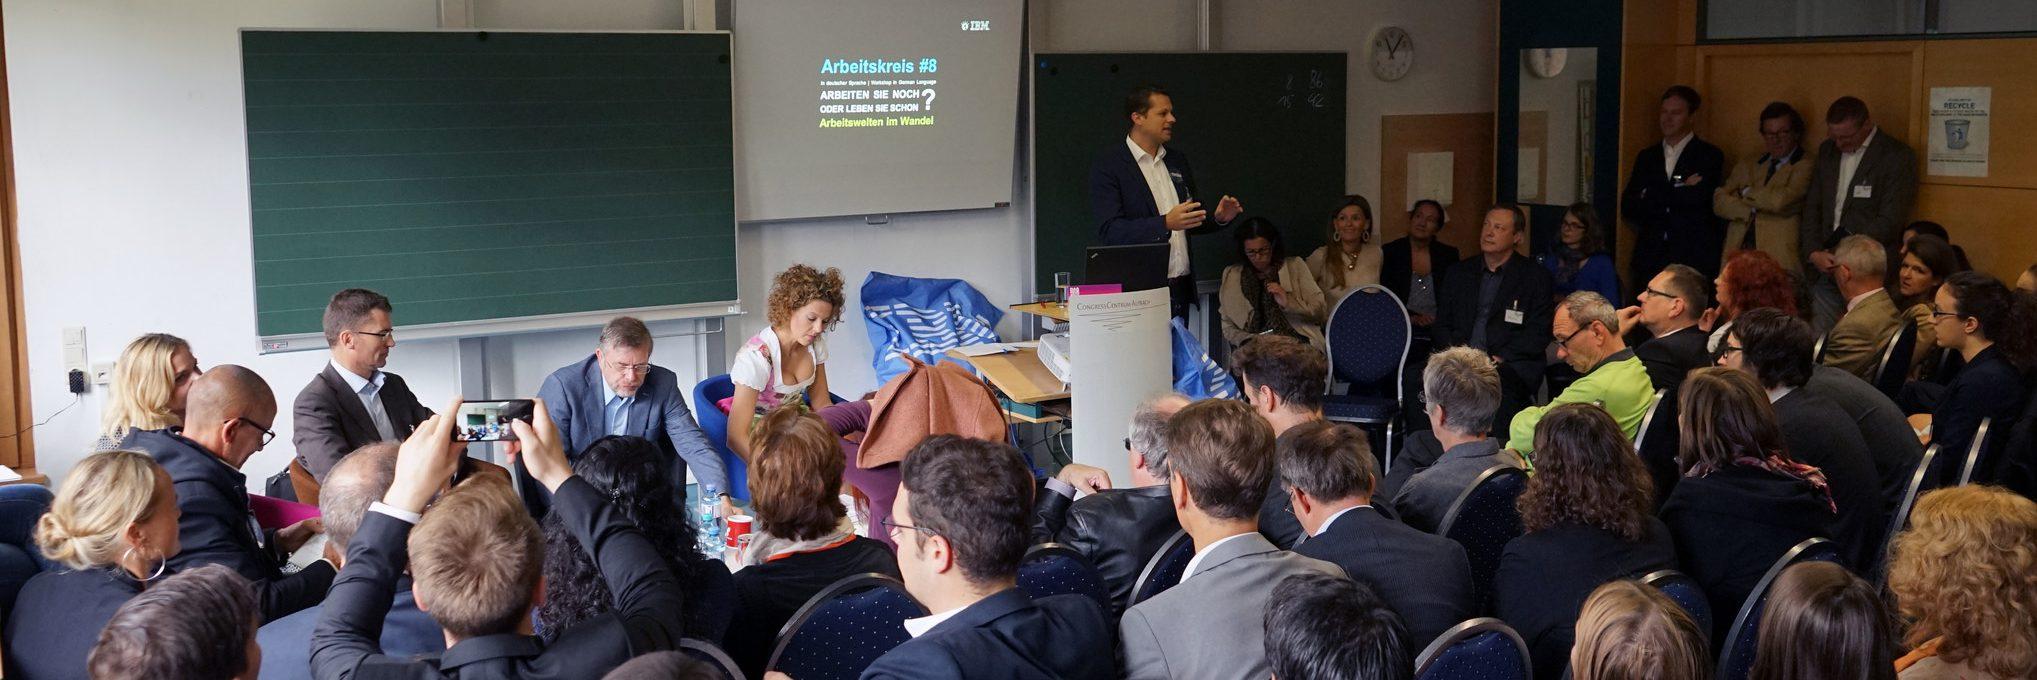 Forum Alpbach: Technologie kritisch hinterfragen